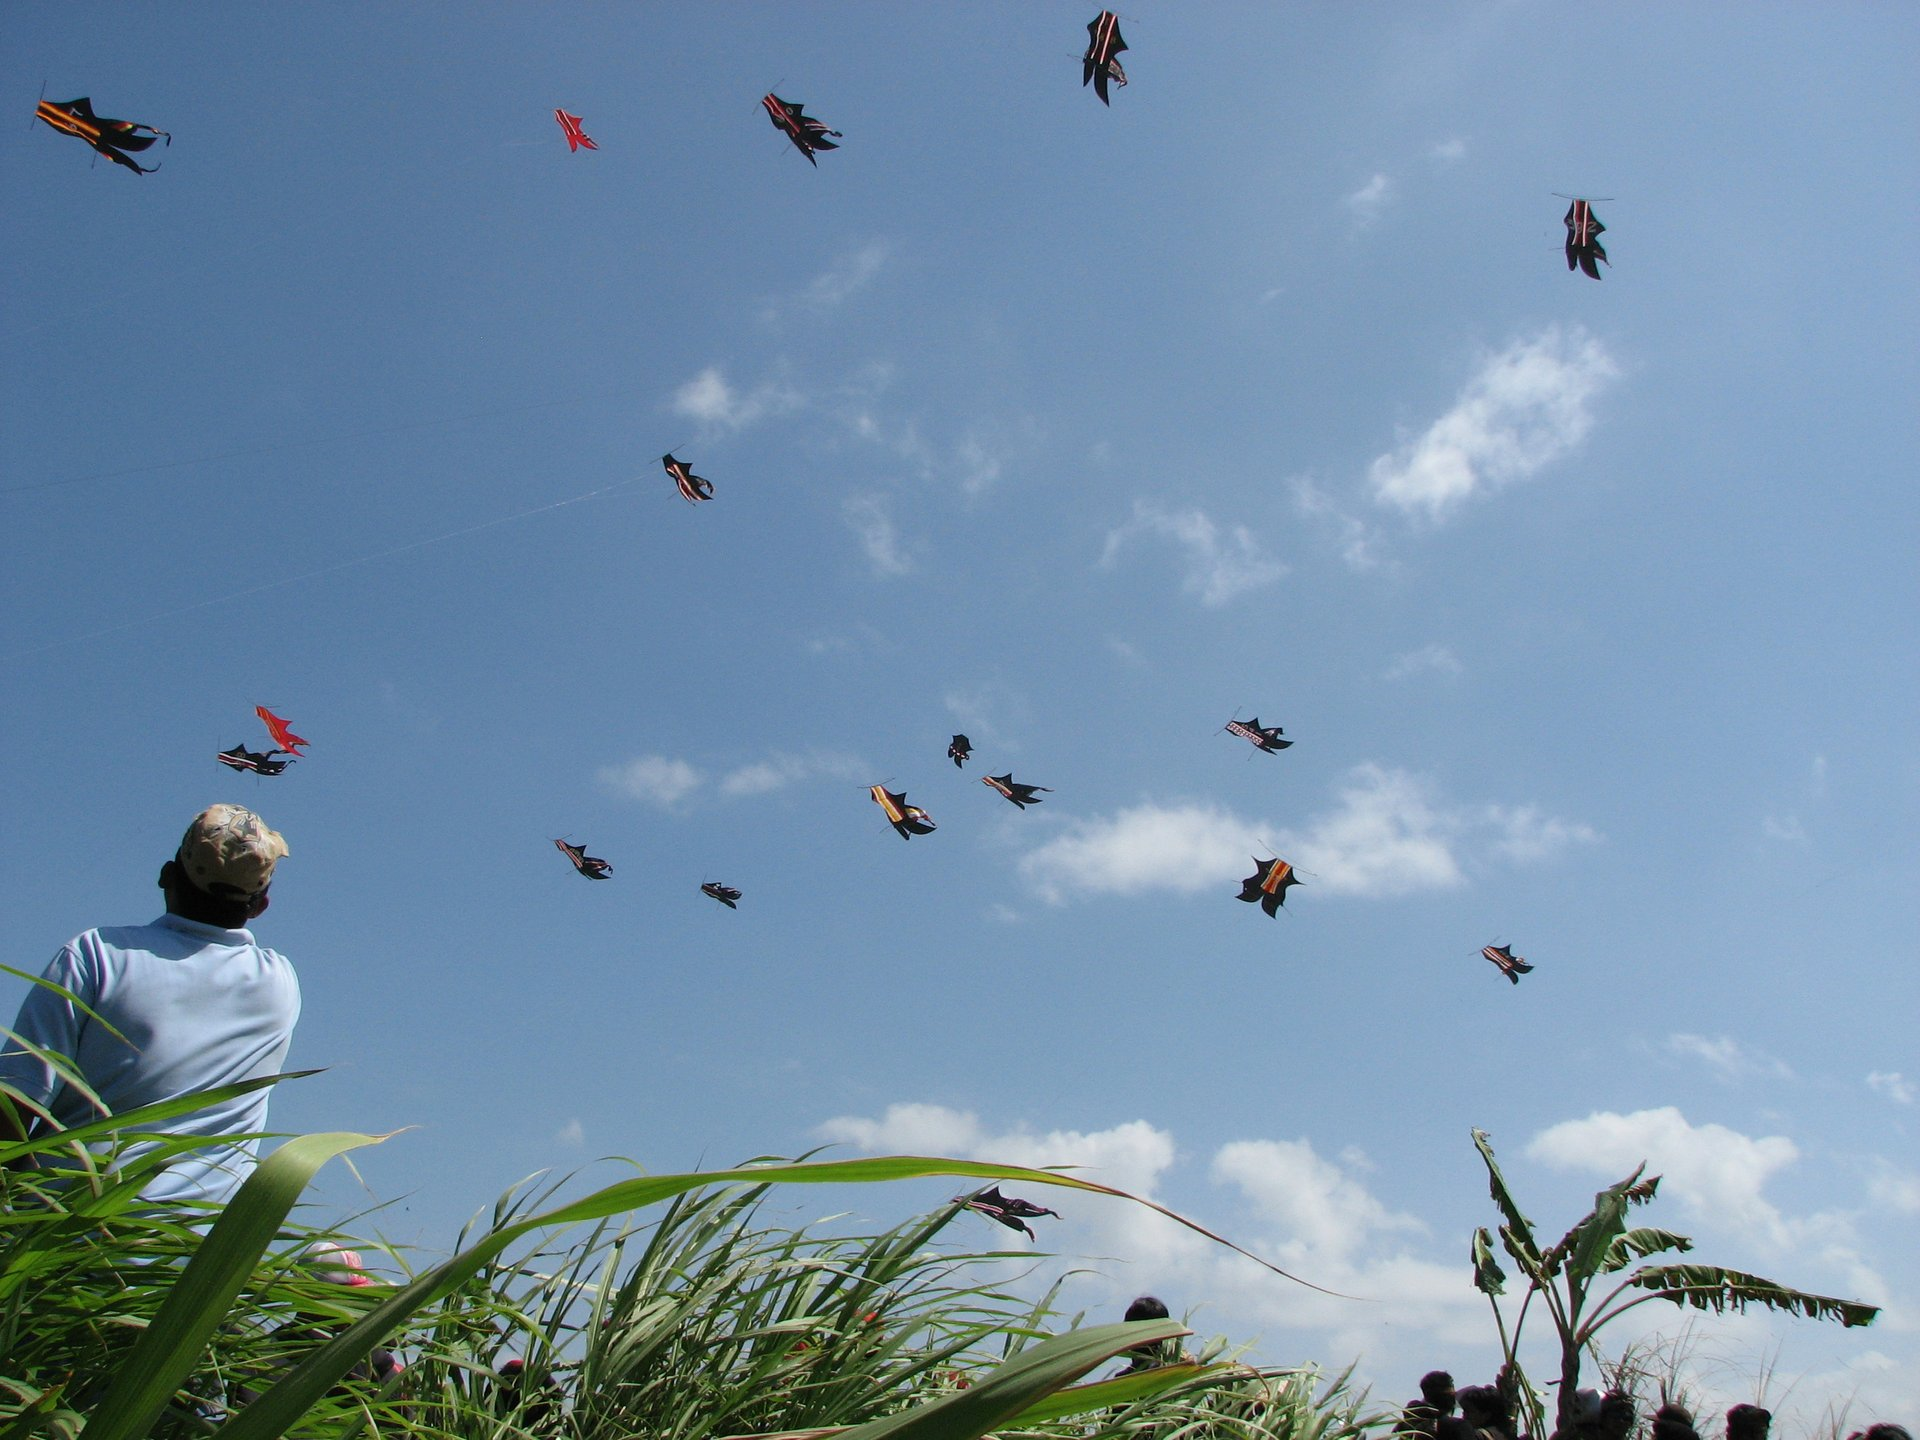 Best time for Bali Kite Festival in Bali 2020